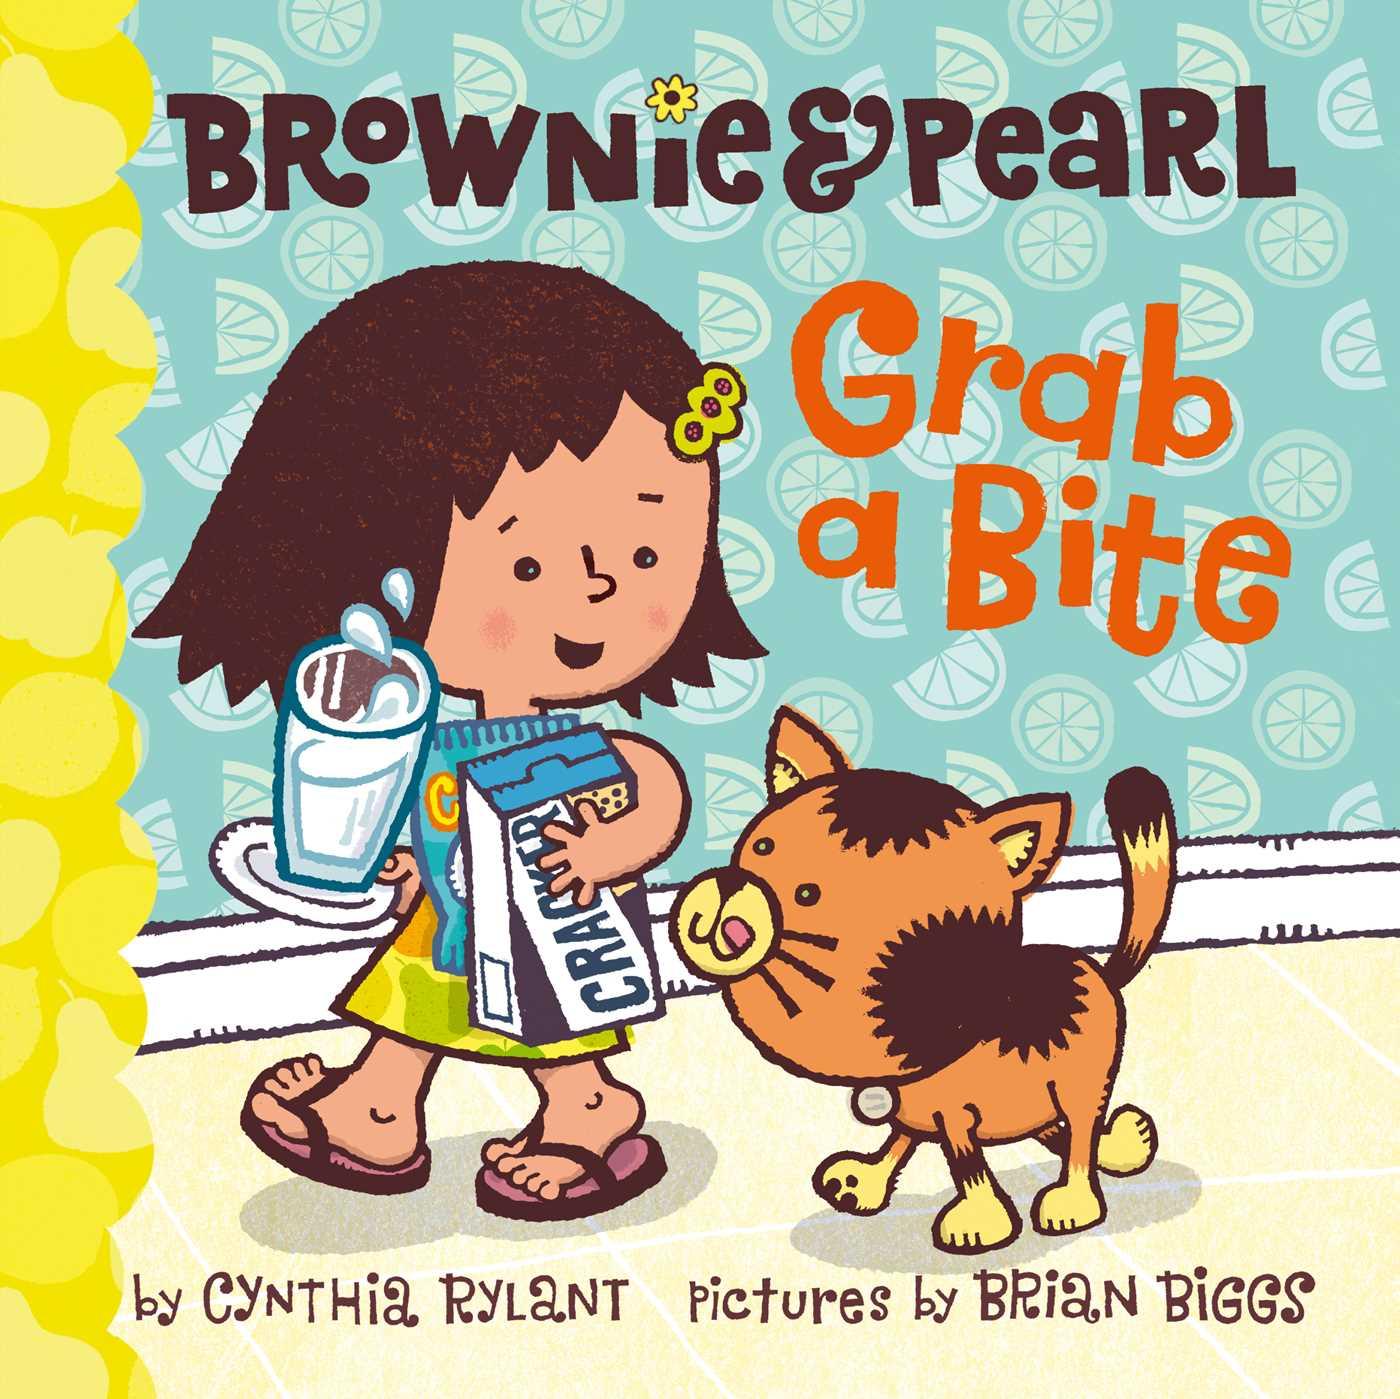 Brownie pearl grab a bite 9781442435186 hr